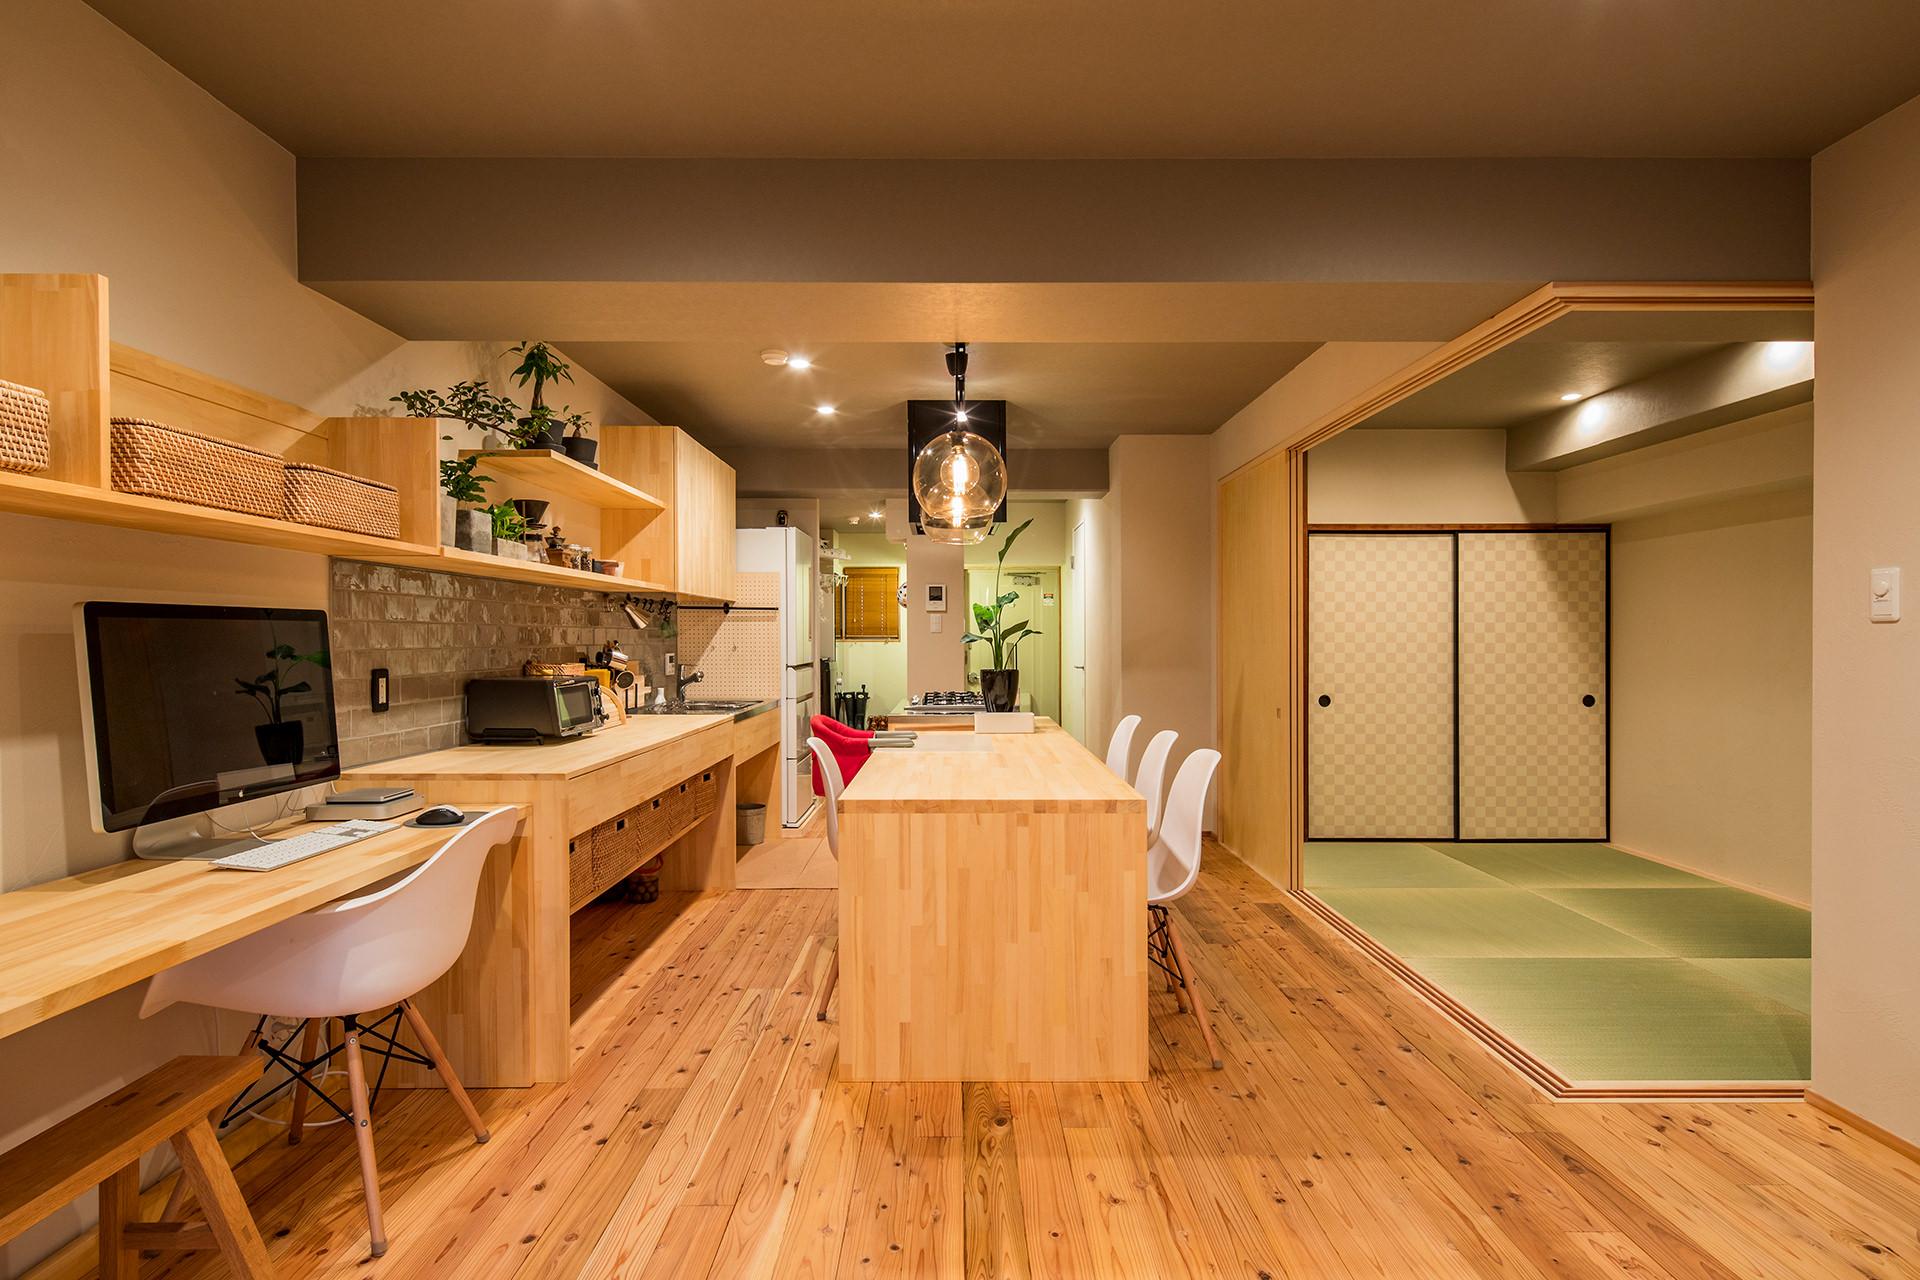 「アイランドキッチンと広々LDKの暮らしを愉しむ家」イメージ03 撮影:東涌宏和